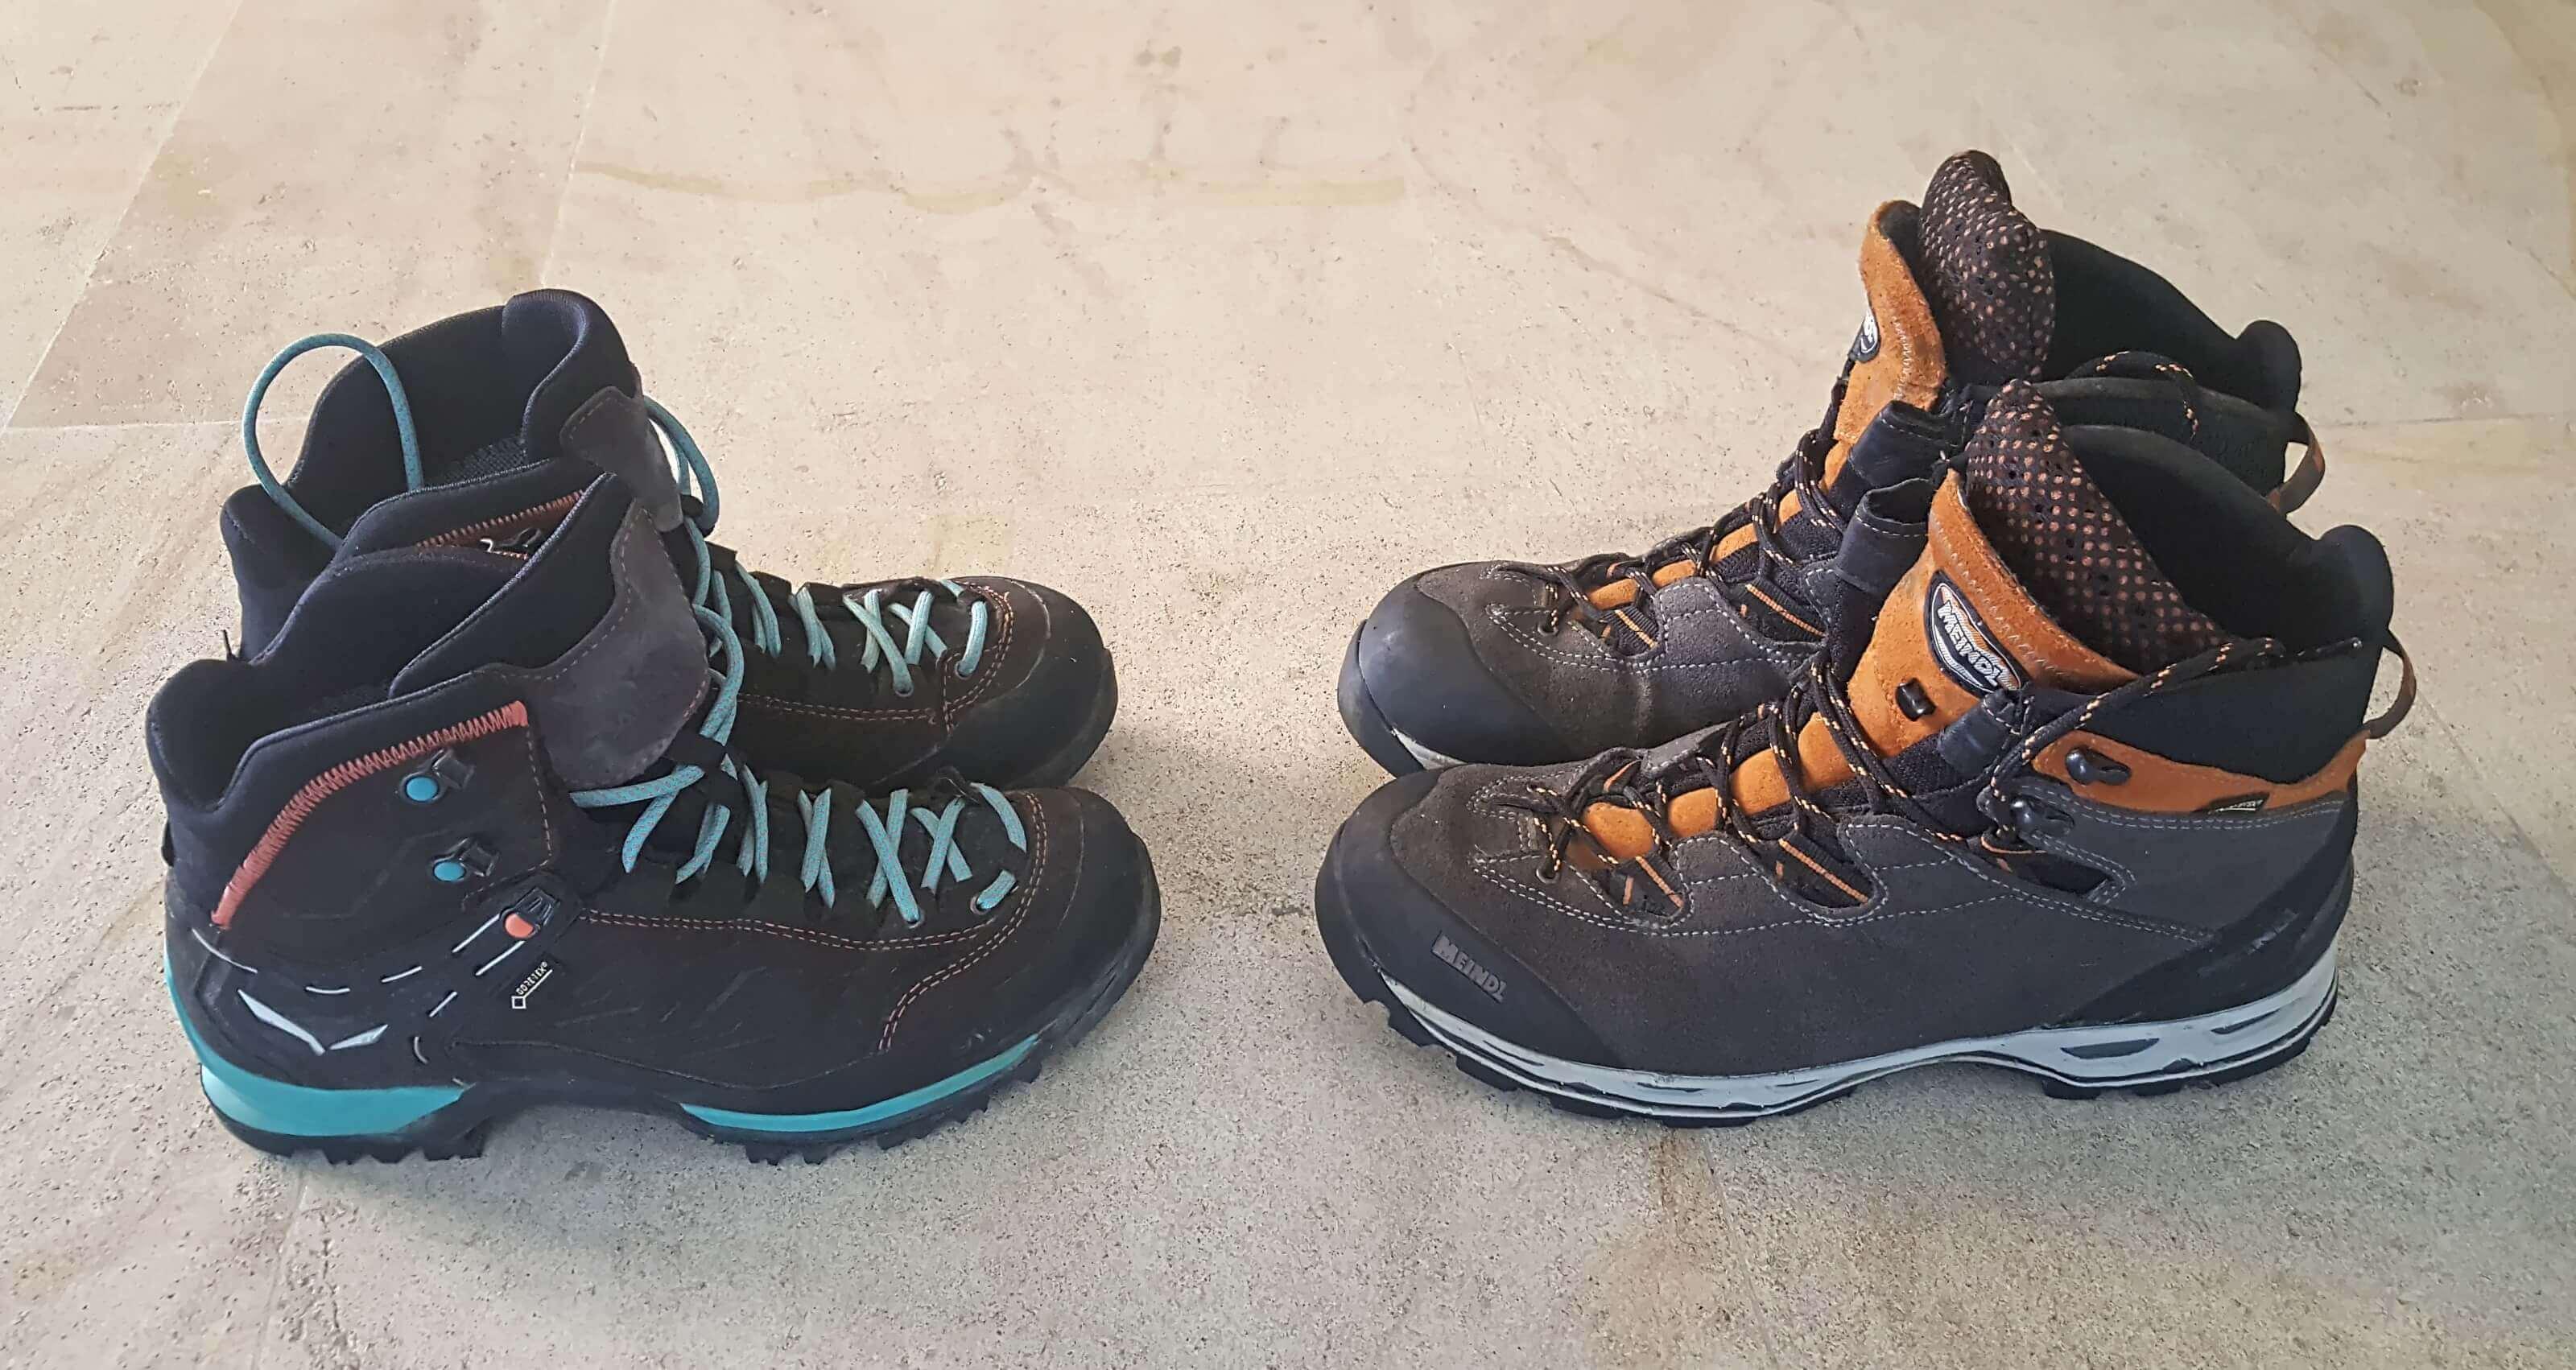 chaussures de rando via alpina